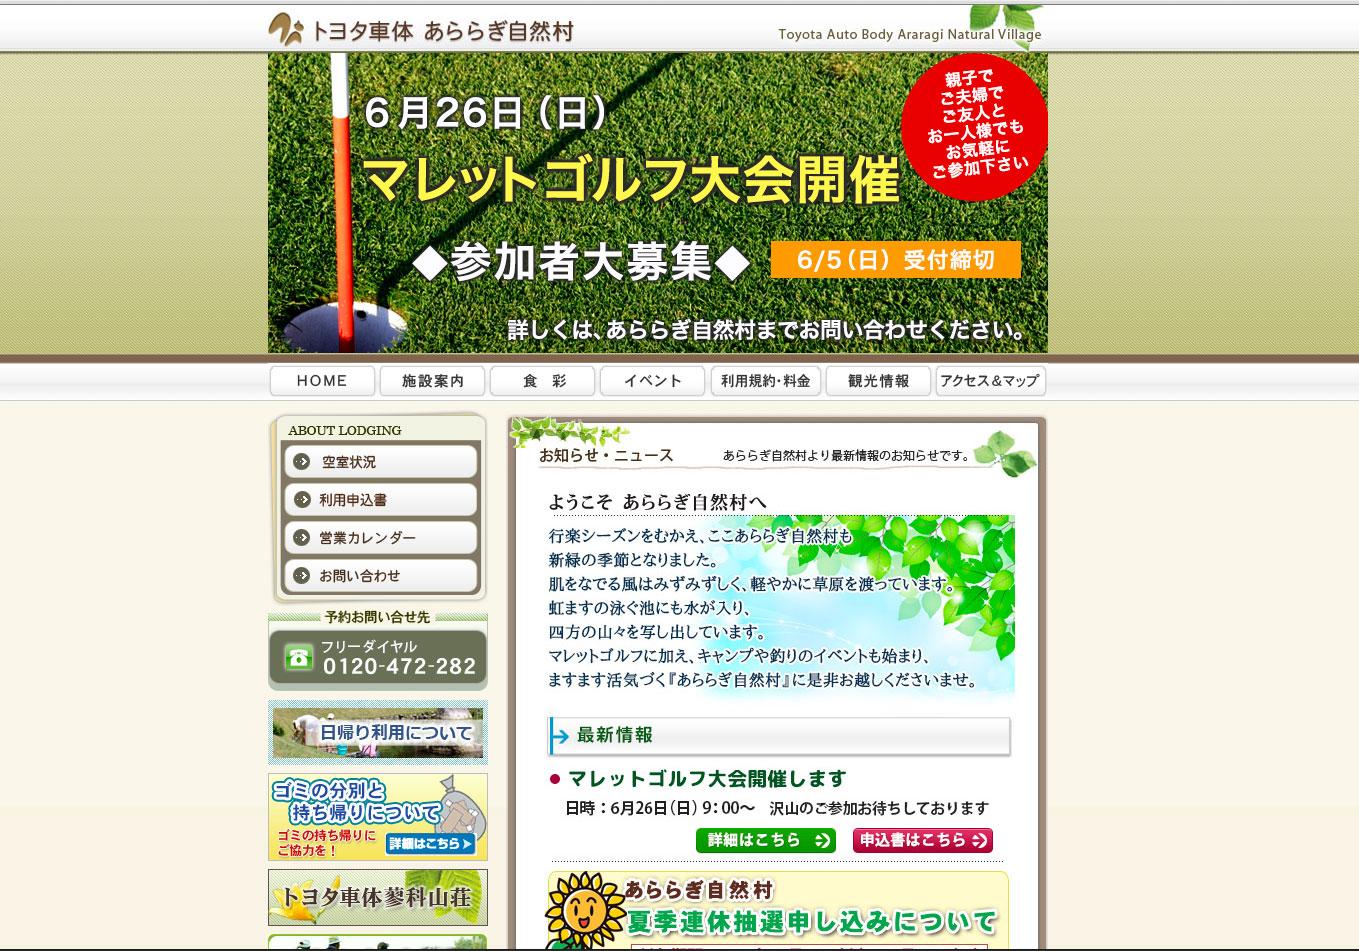 「トヨタ車体あららぎ自然村」様のホームページ運用開始